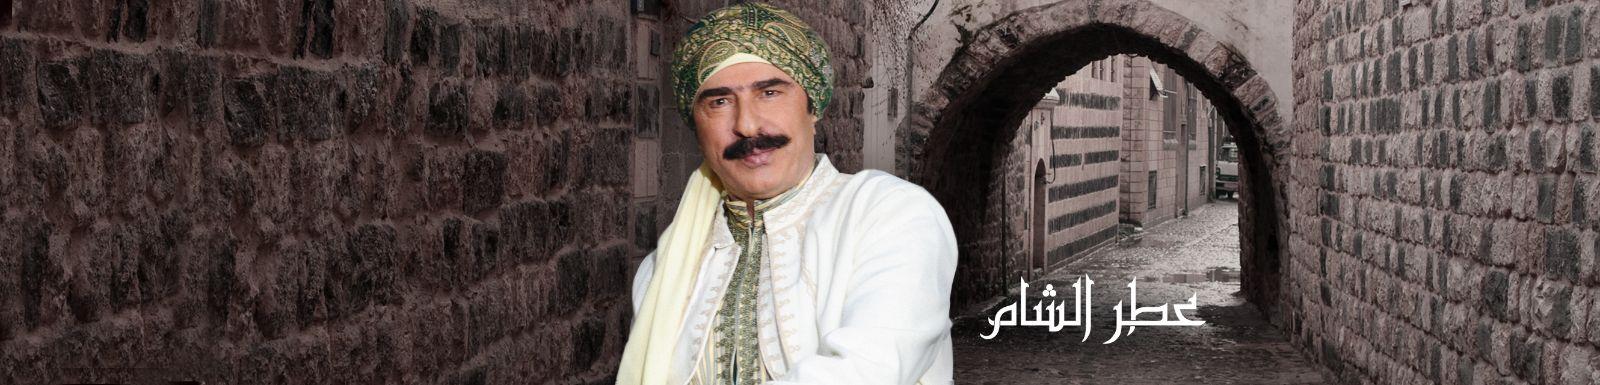 رسميا موعد وتوقيت عرض مسلسل عطر الشام في رمضان 2016 على جميع القنوات